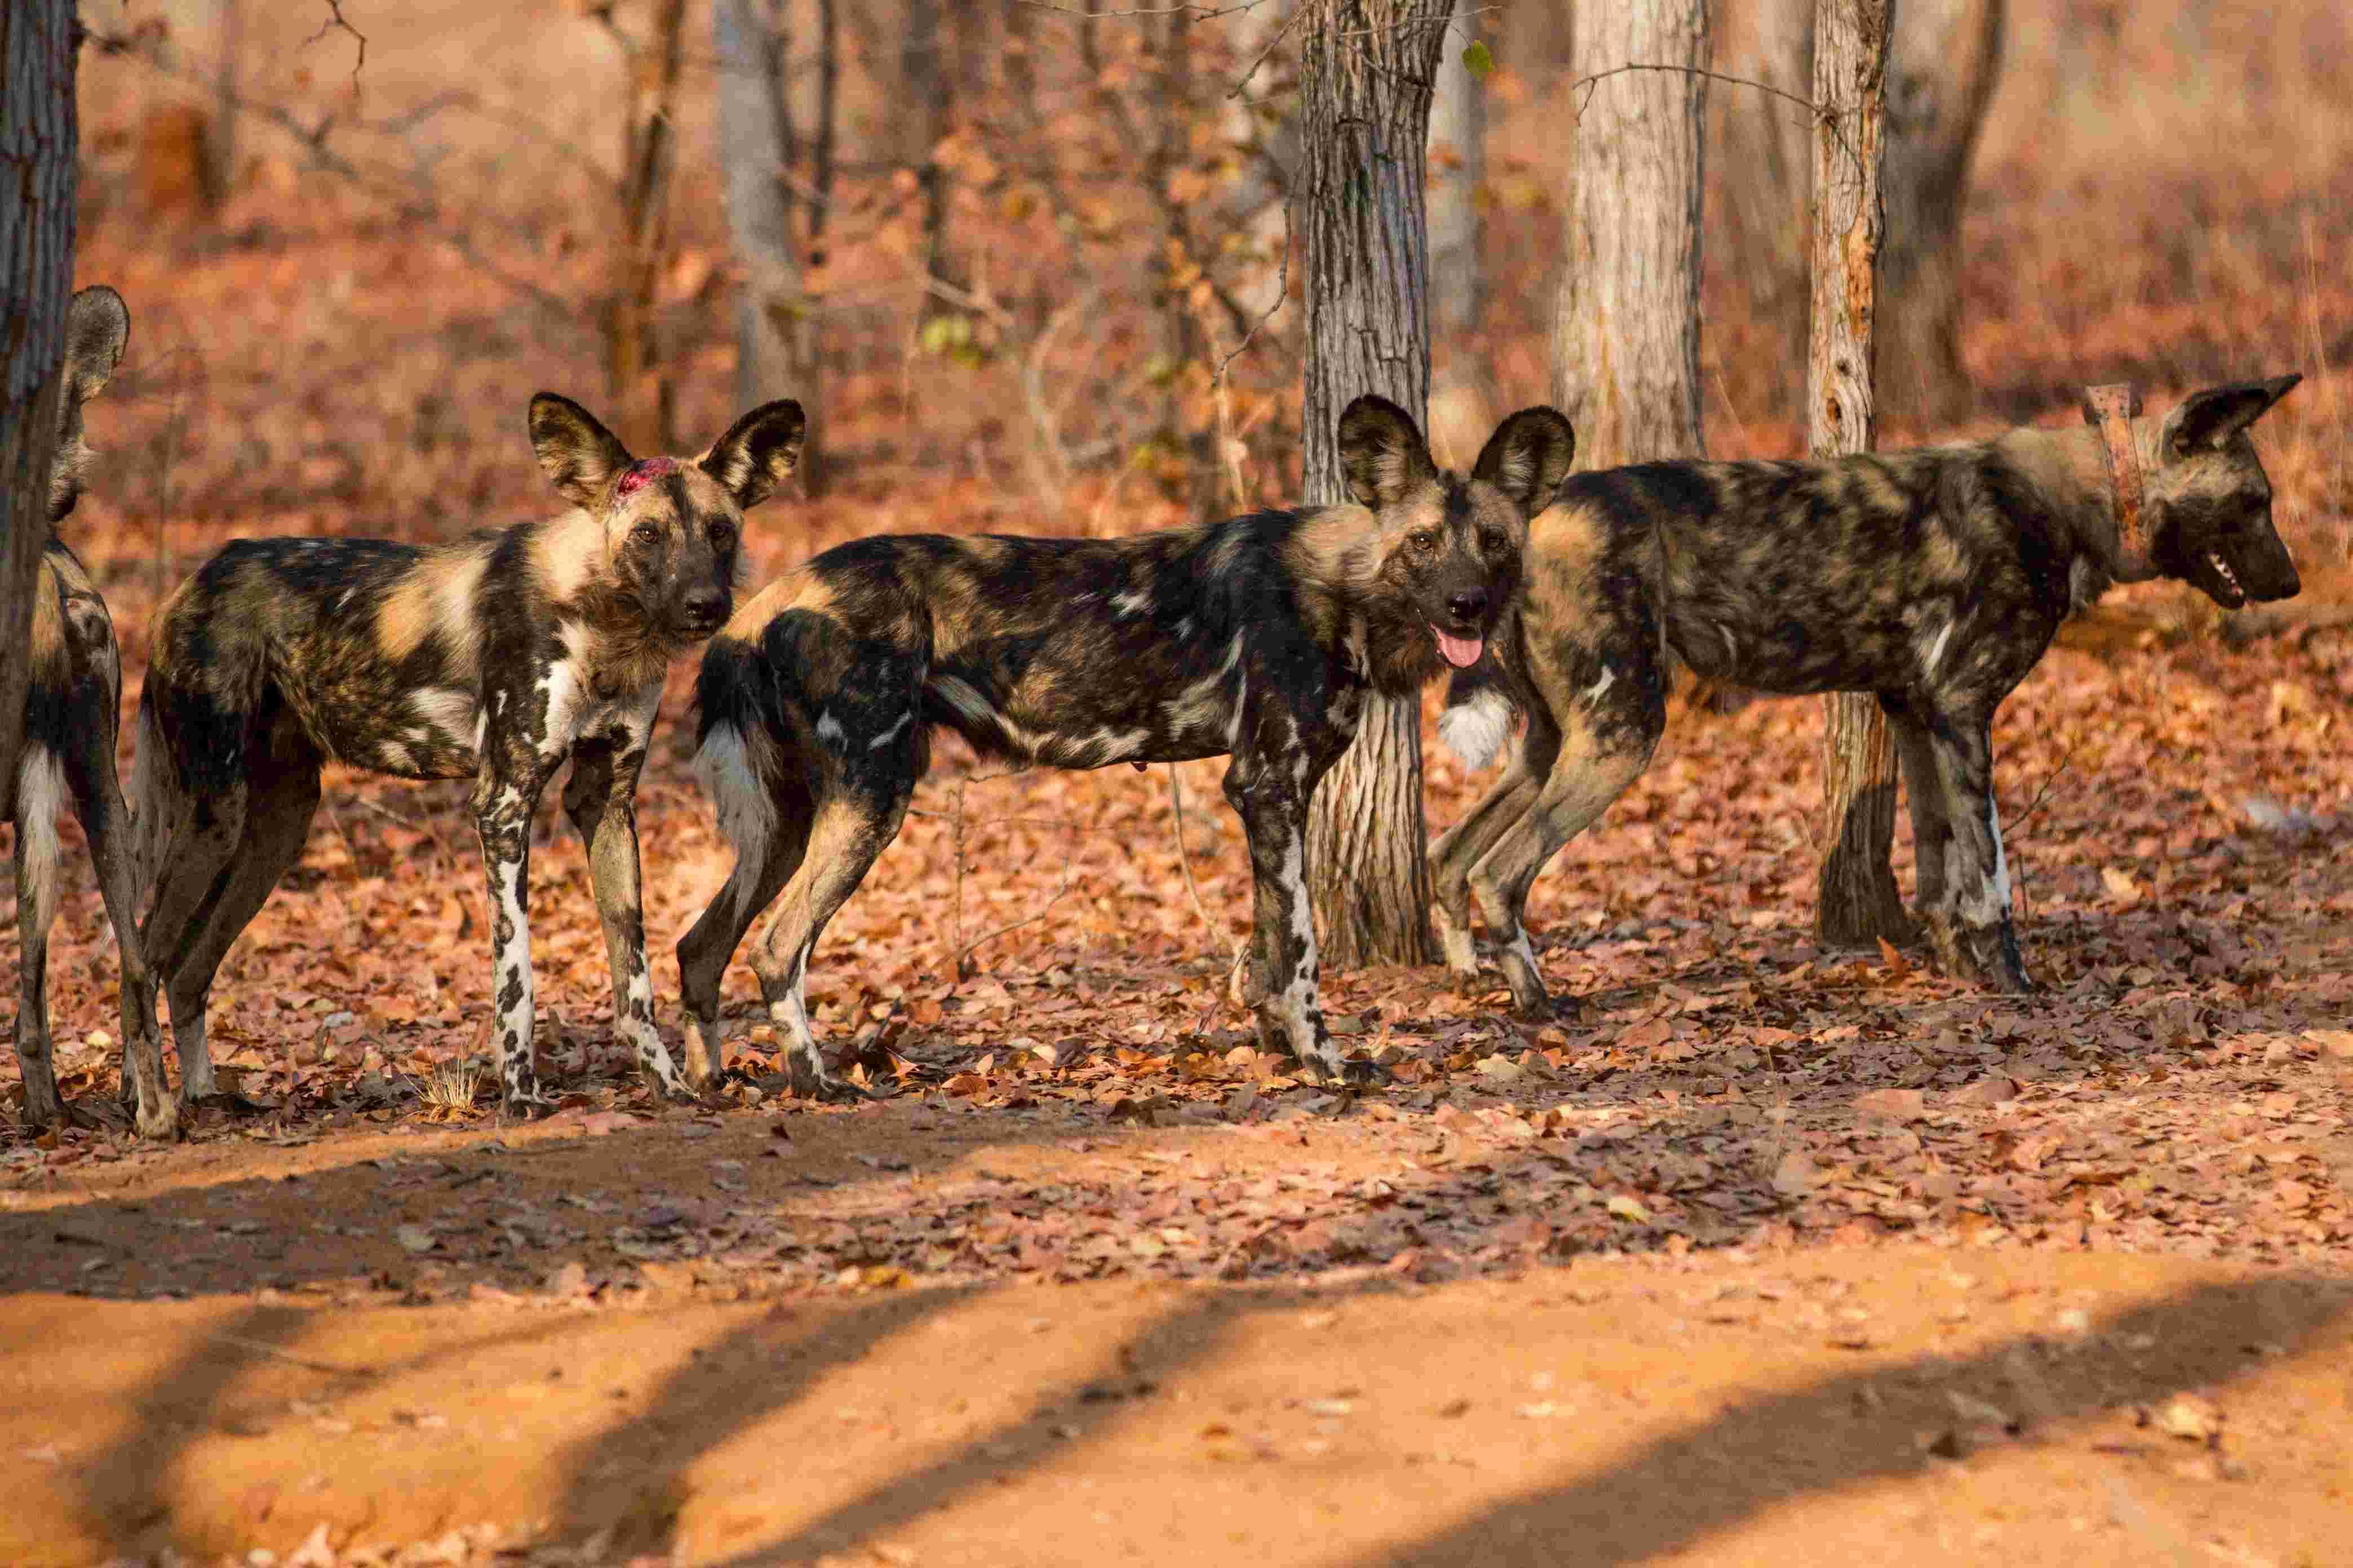 非洲野狗是群居动物,通常10余只组成一群